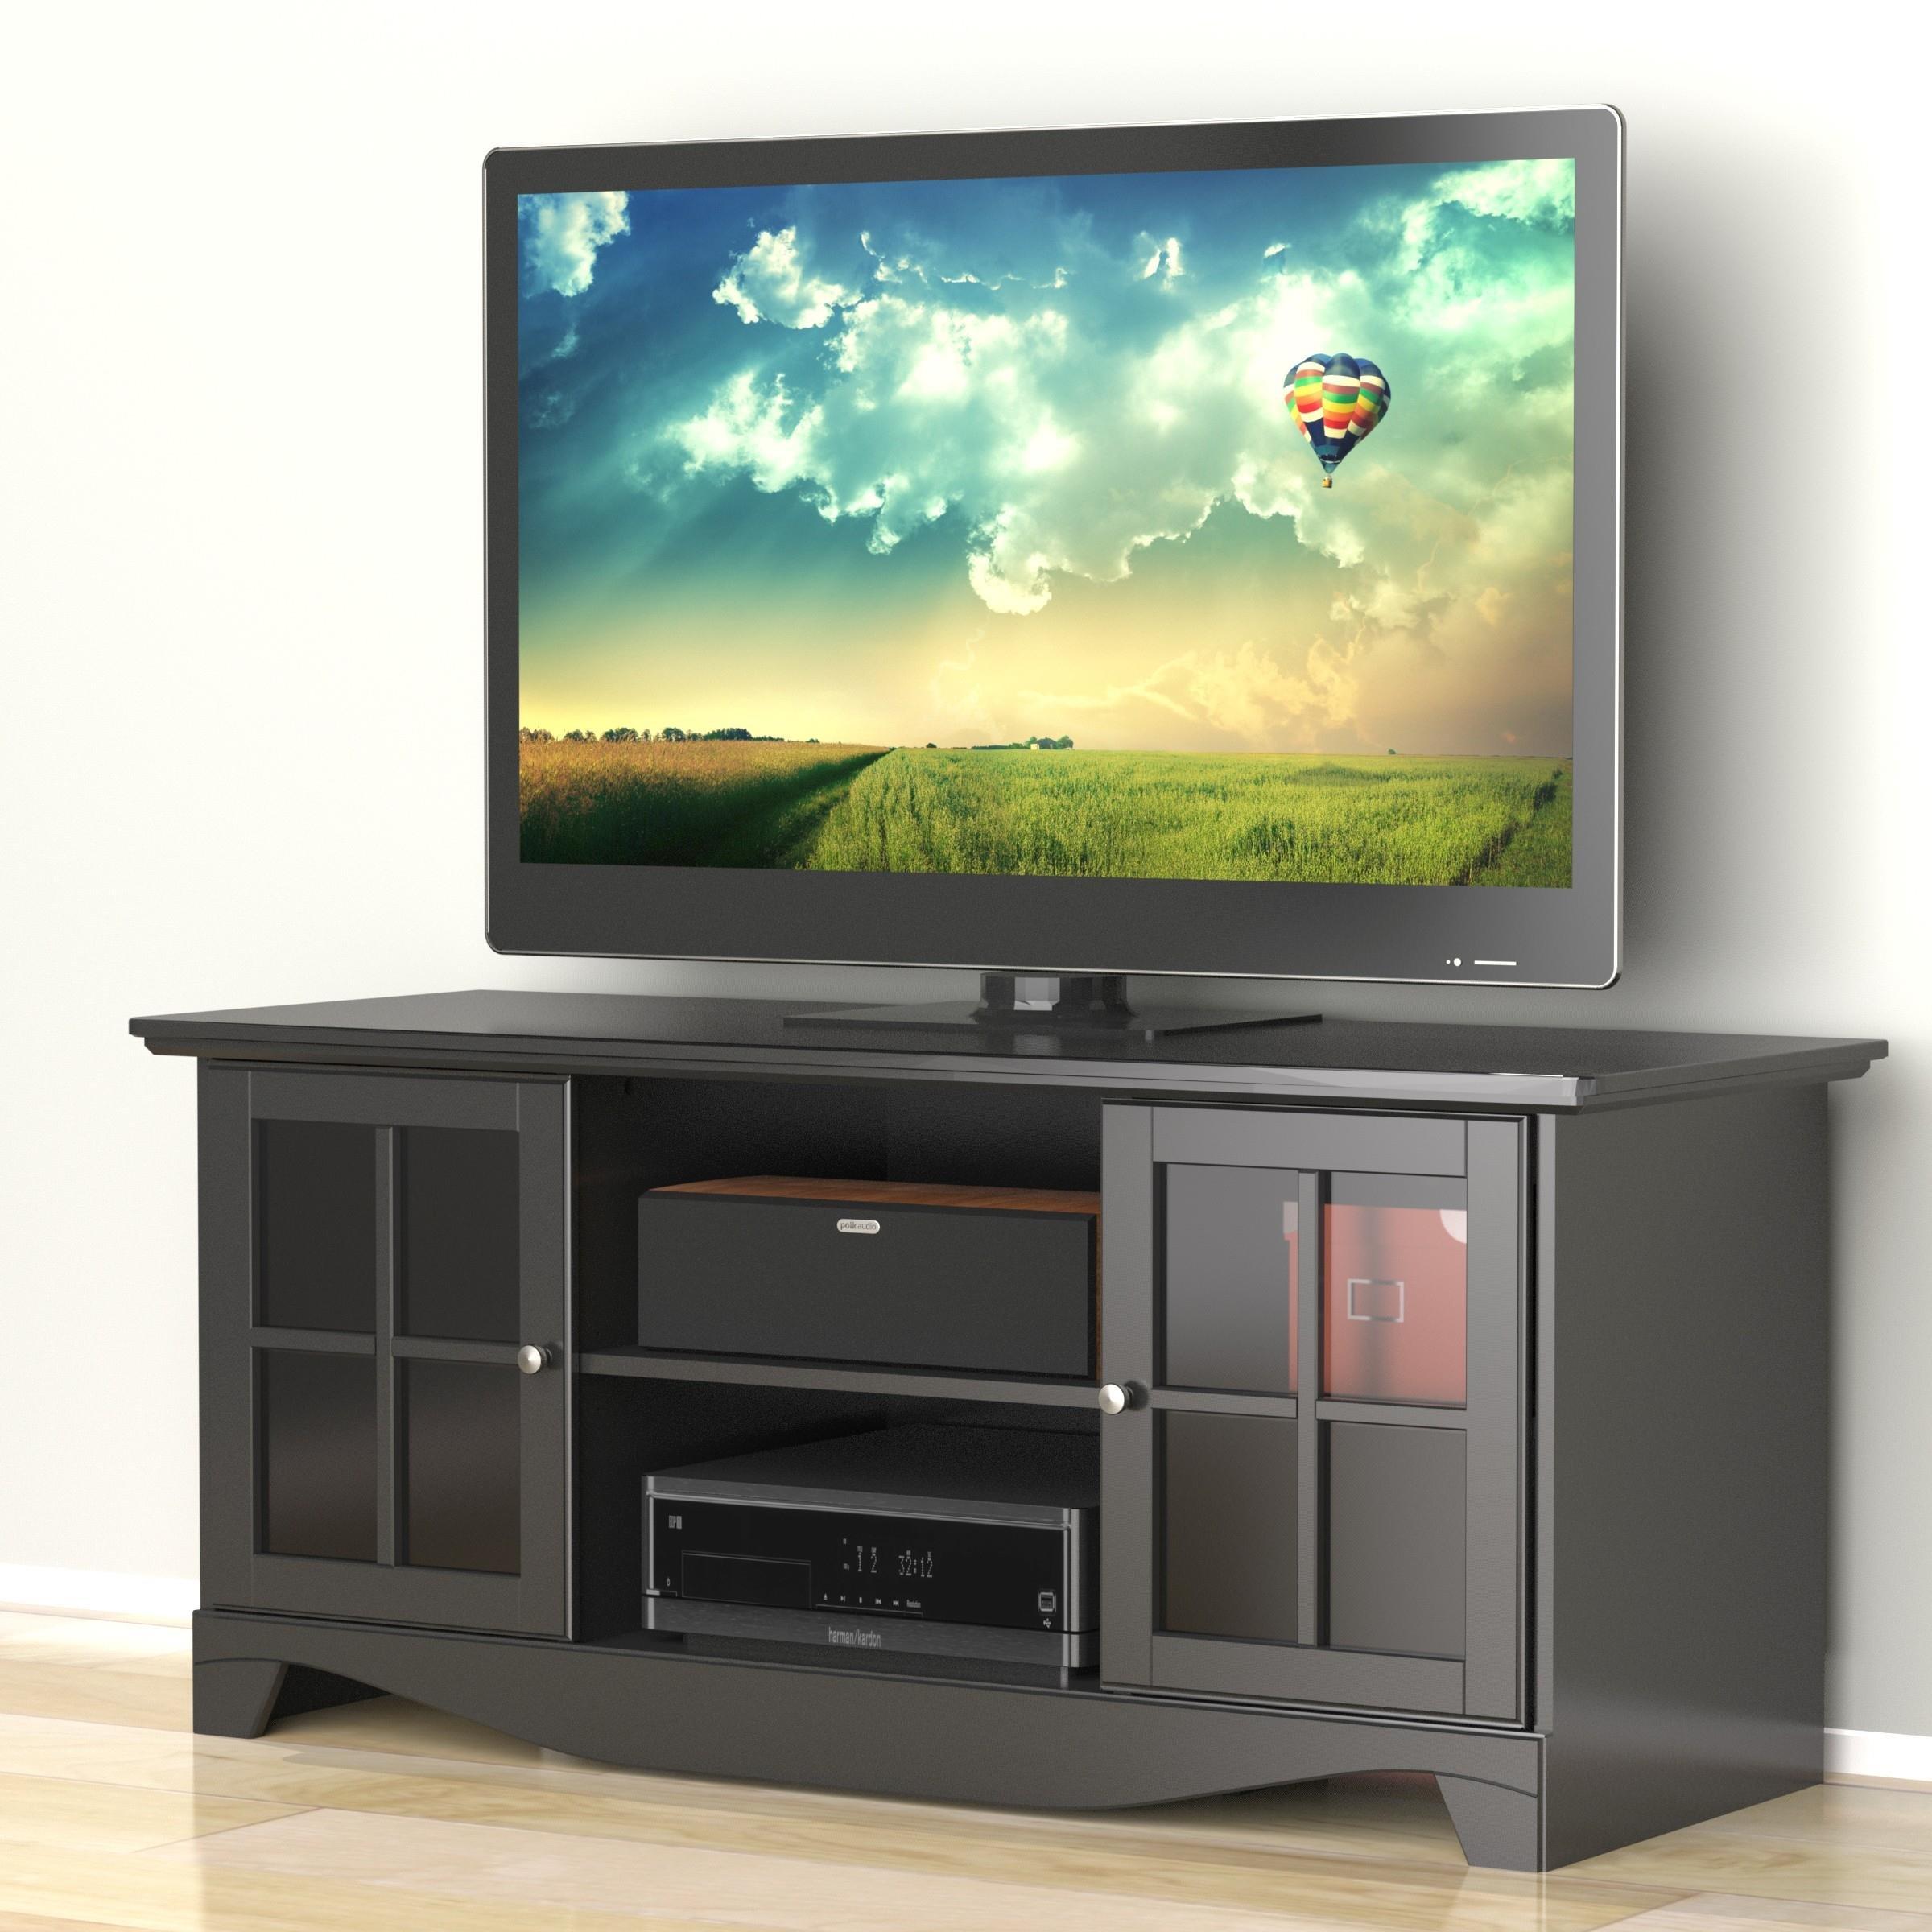 Pinnacle 56-inch TV Stand 101206 from Nexera - Black